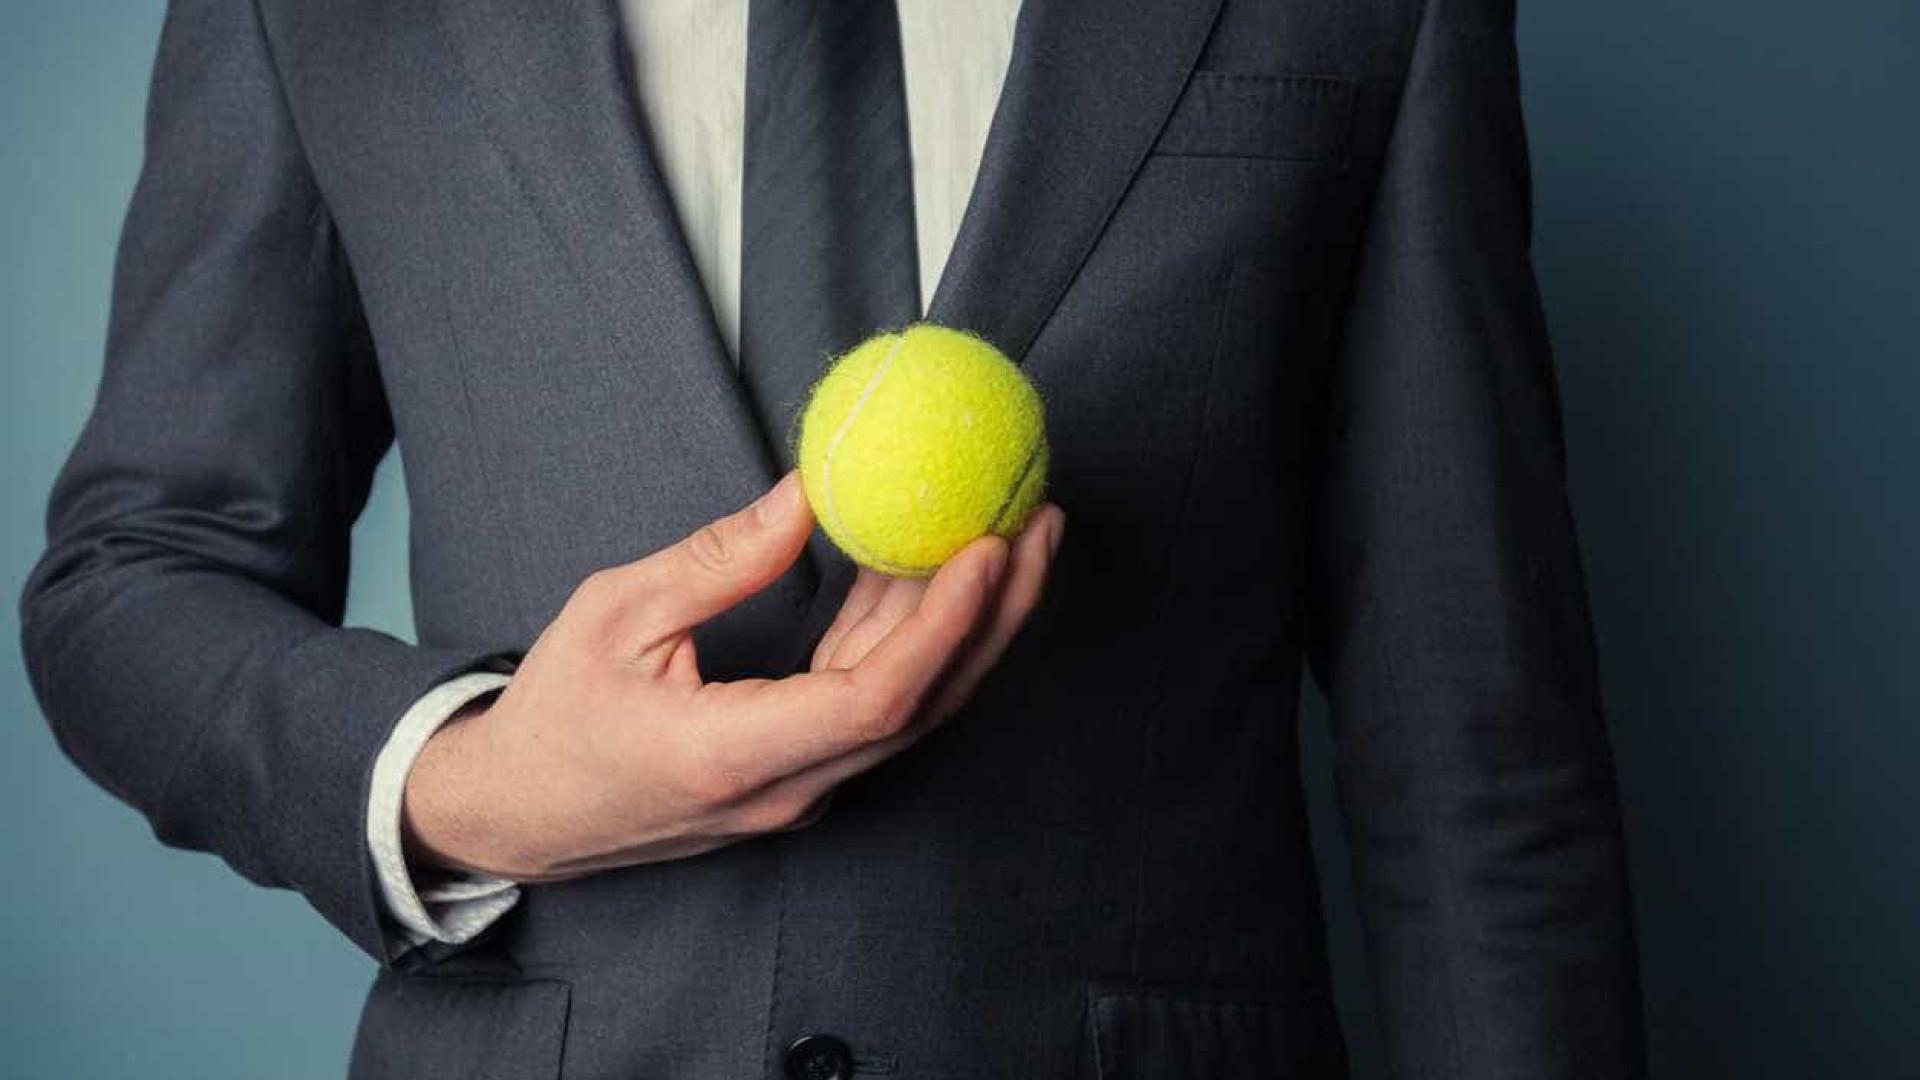 Antiga estrela de ténis romena Ilie Nastase foi detido 2 vezes em 6 horas